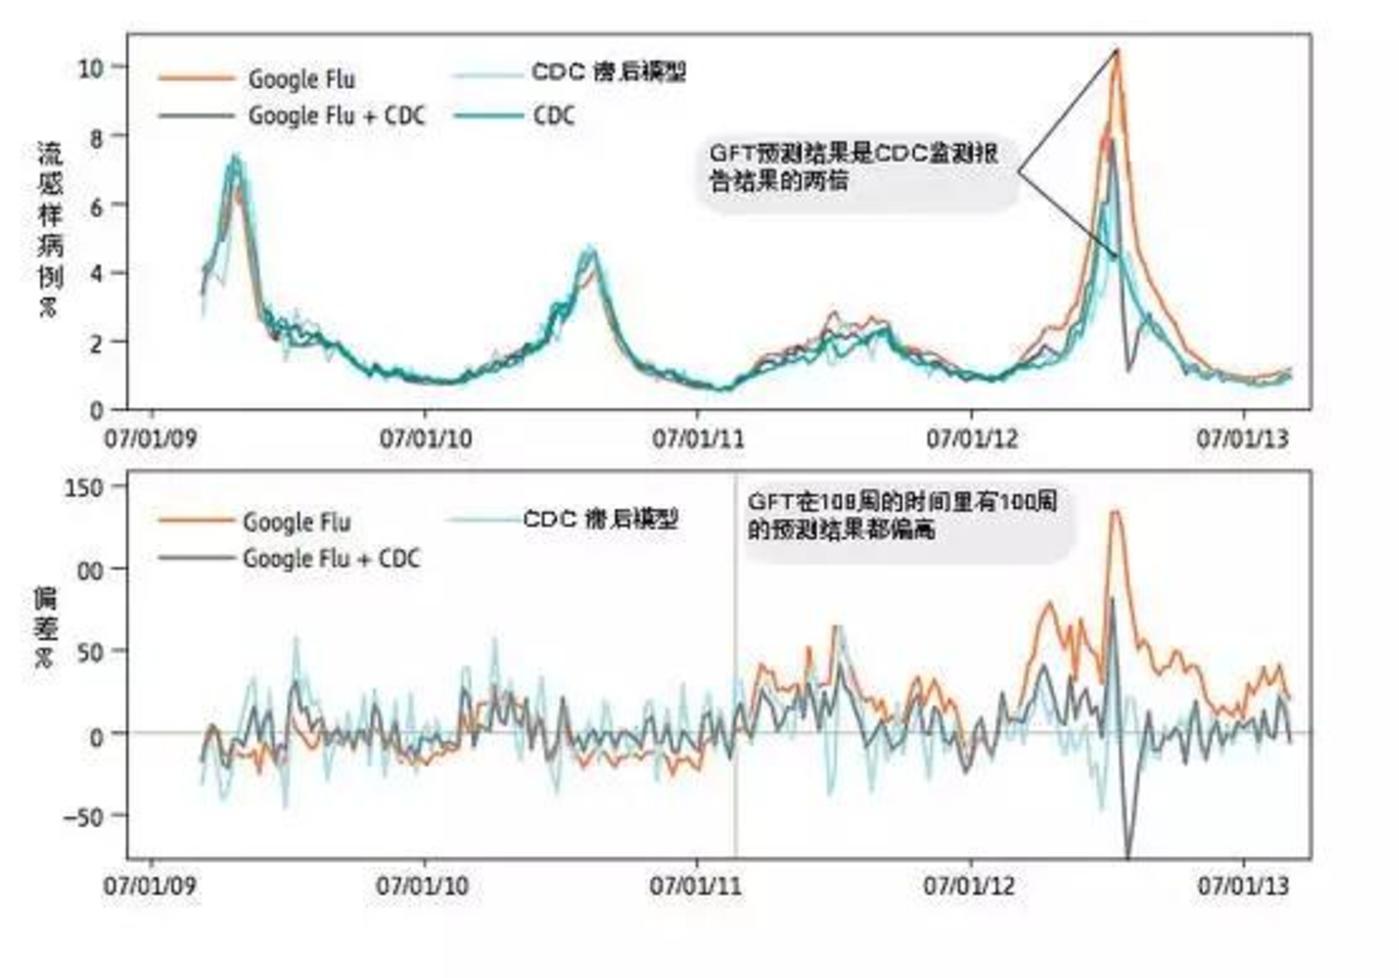 (图表来自The Parable of Google Flu: Traps in Big Data Analysis | Science,2014)